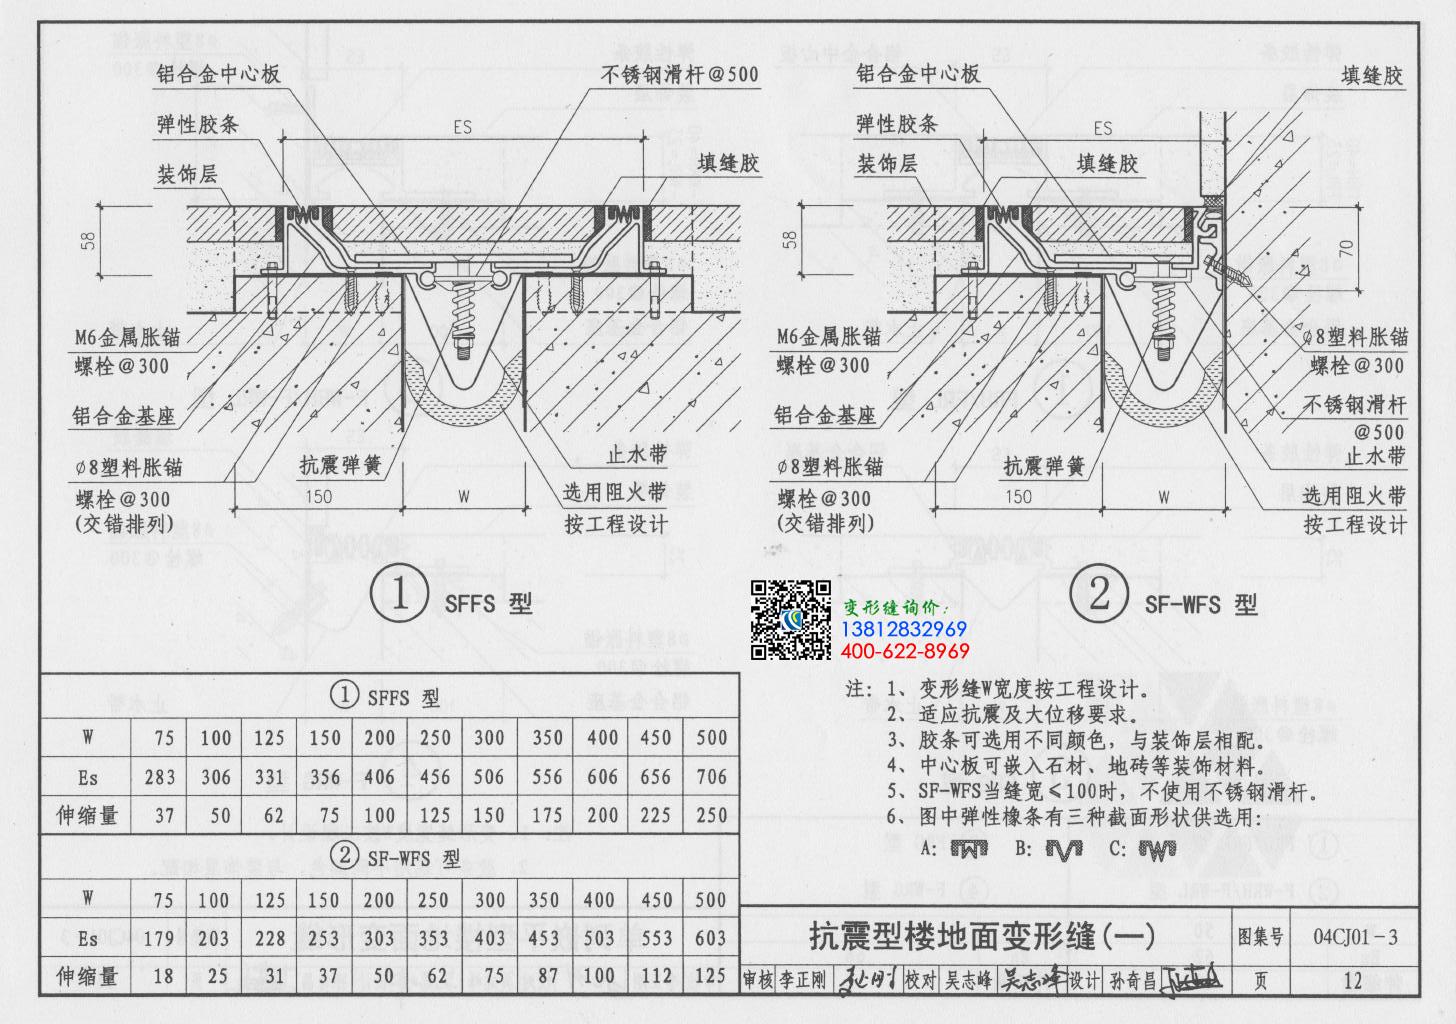 变形缝图集04cj01-3第12页:抗震型楼地面变形缝(一)